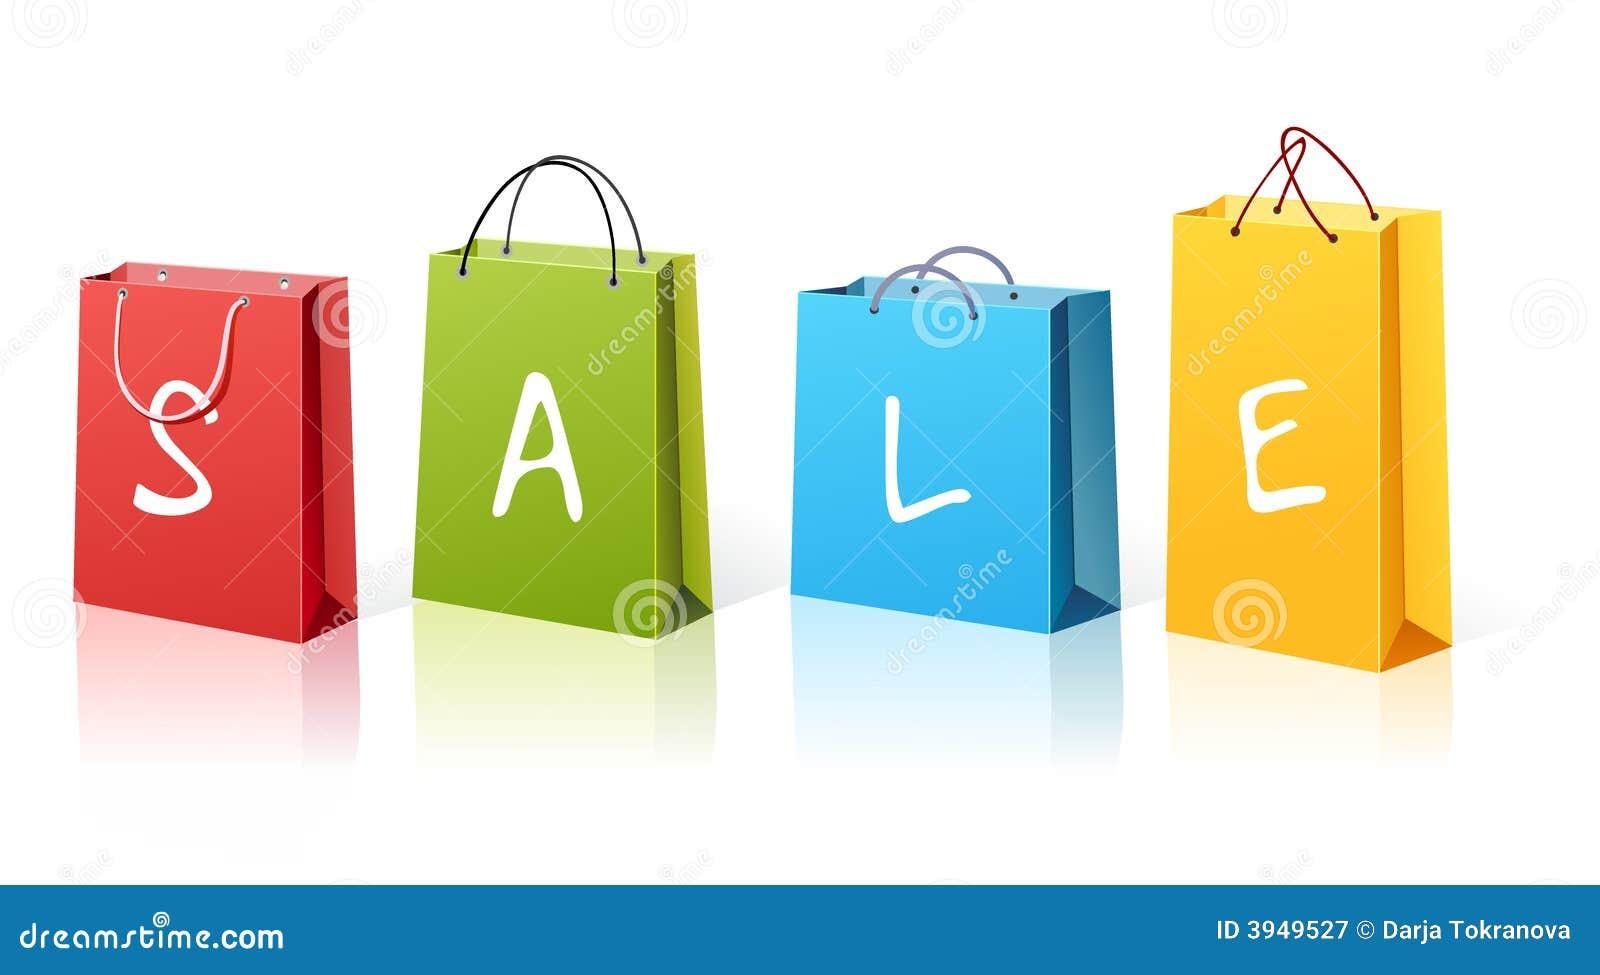 Sacchetti di acquisto